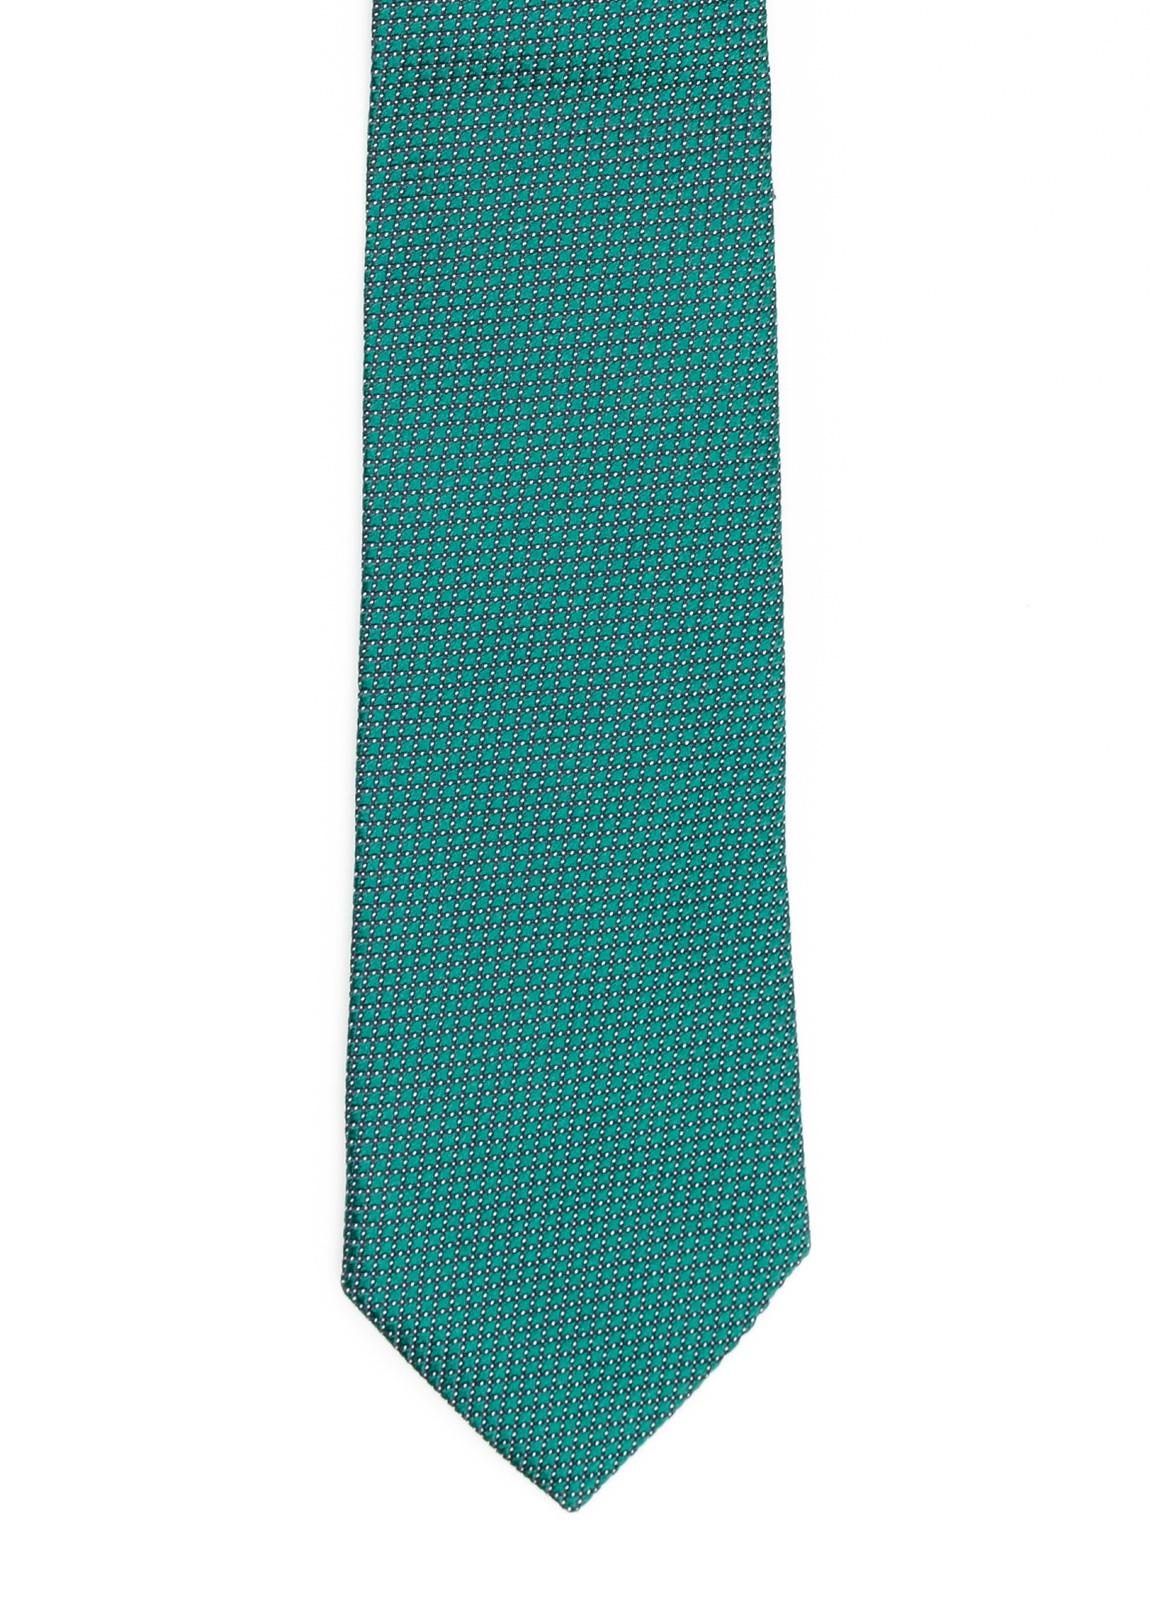 Corbata Formal Wear microtextura color verde. Pala 7,5 cm. 100% Seda.